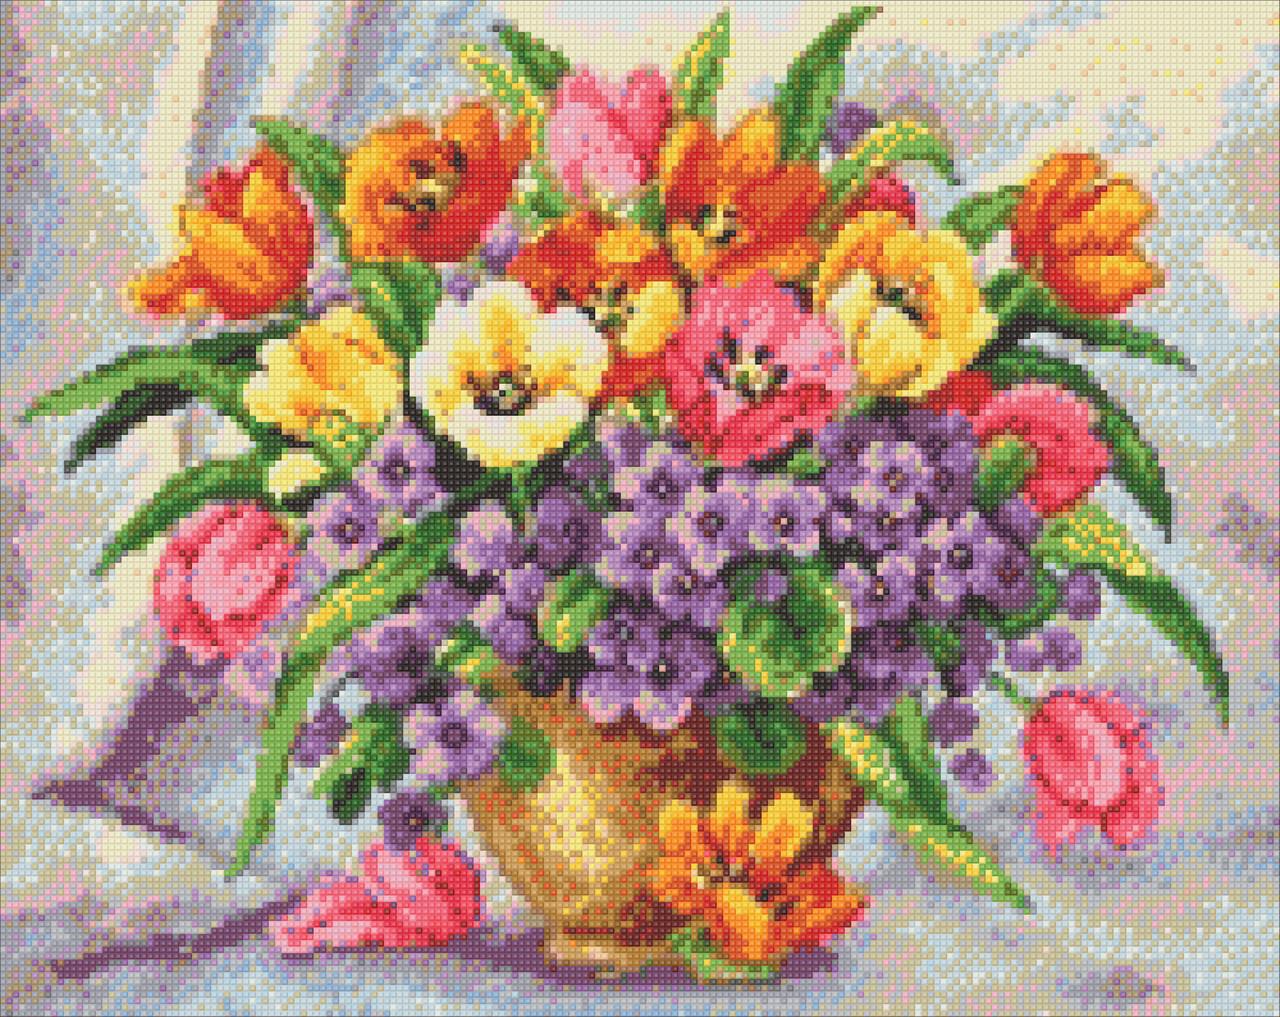 Алмазная мозаика Яркие тюльпаны 50x40см DM-200 Полная зашивка. Набор алмазной вышивки